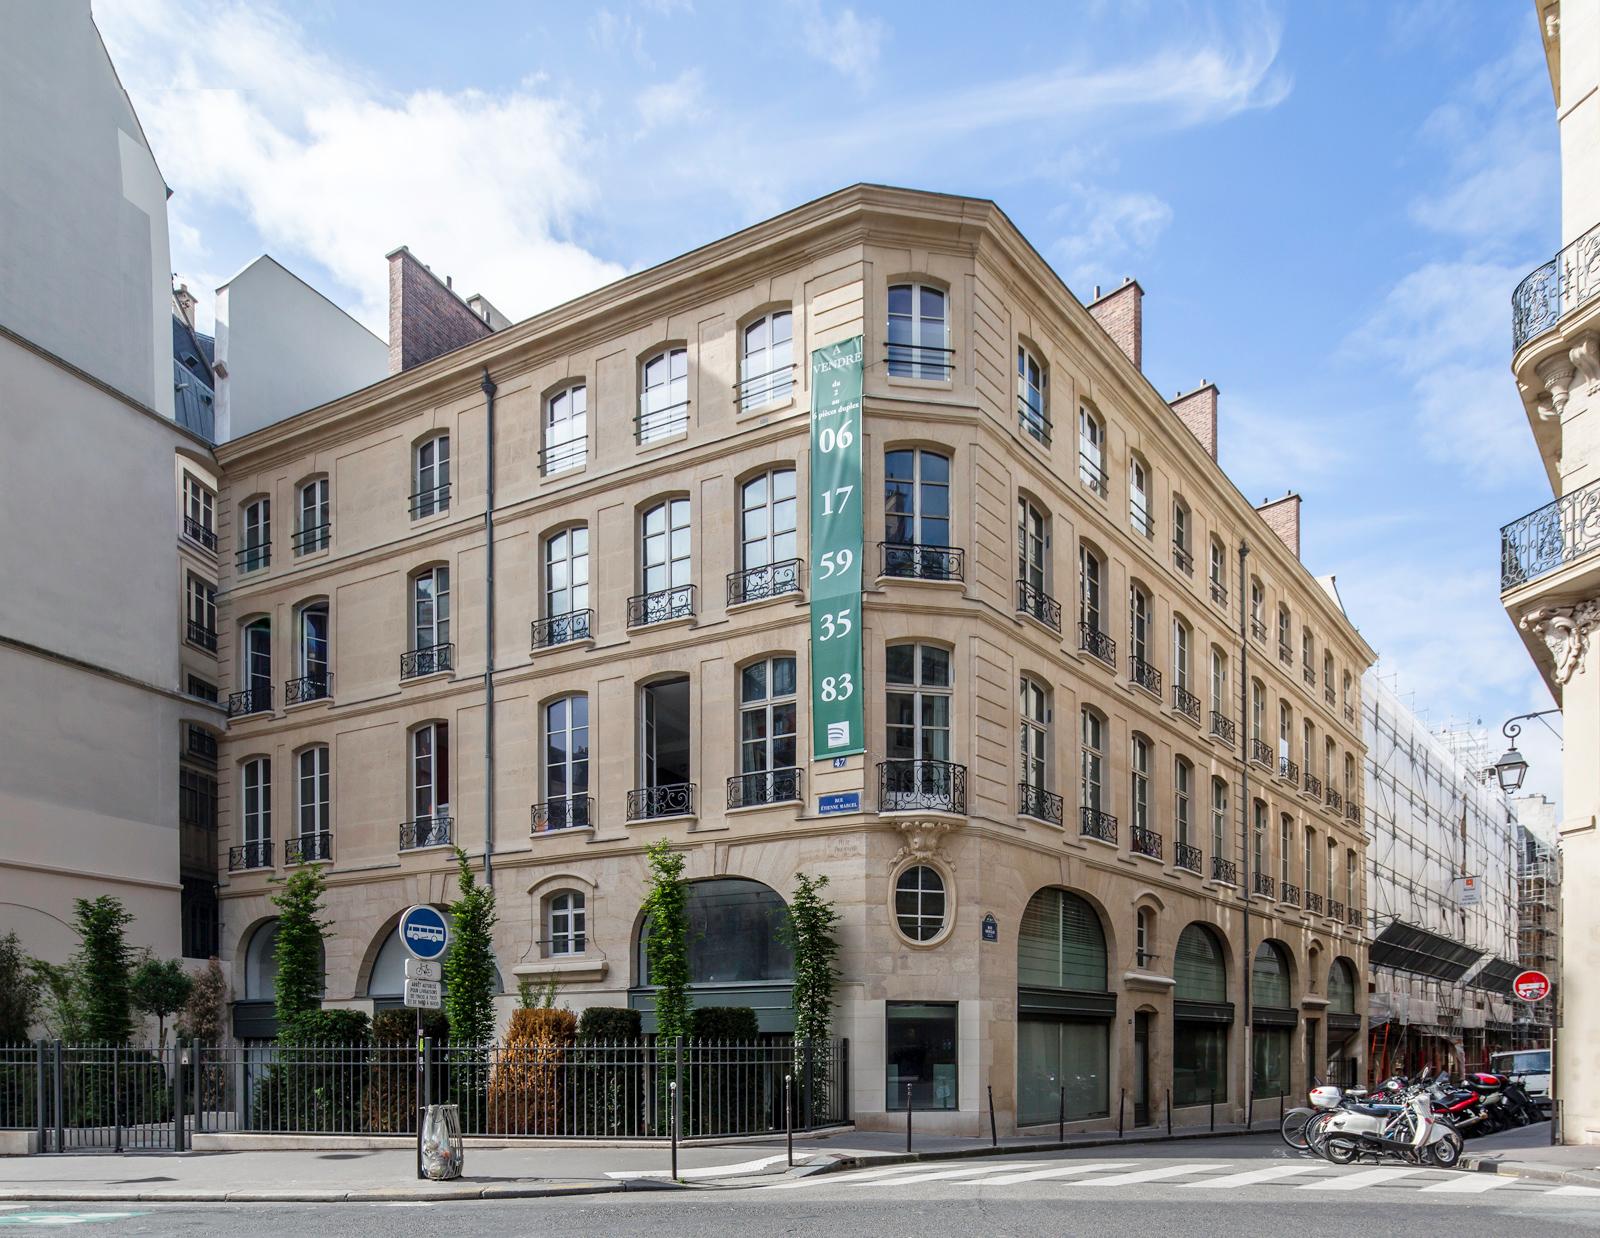 47 rue tienne marcel paris esprimm - 15 rue des halles 75001 paris ...